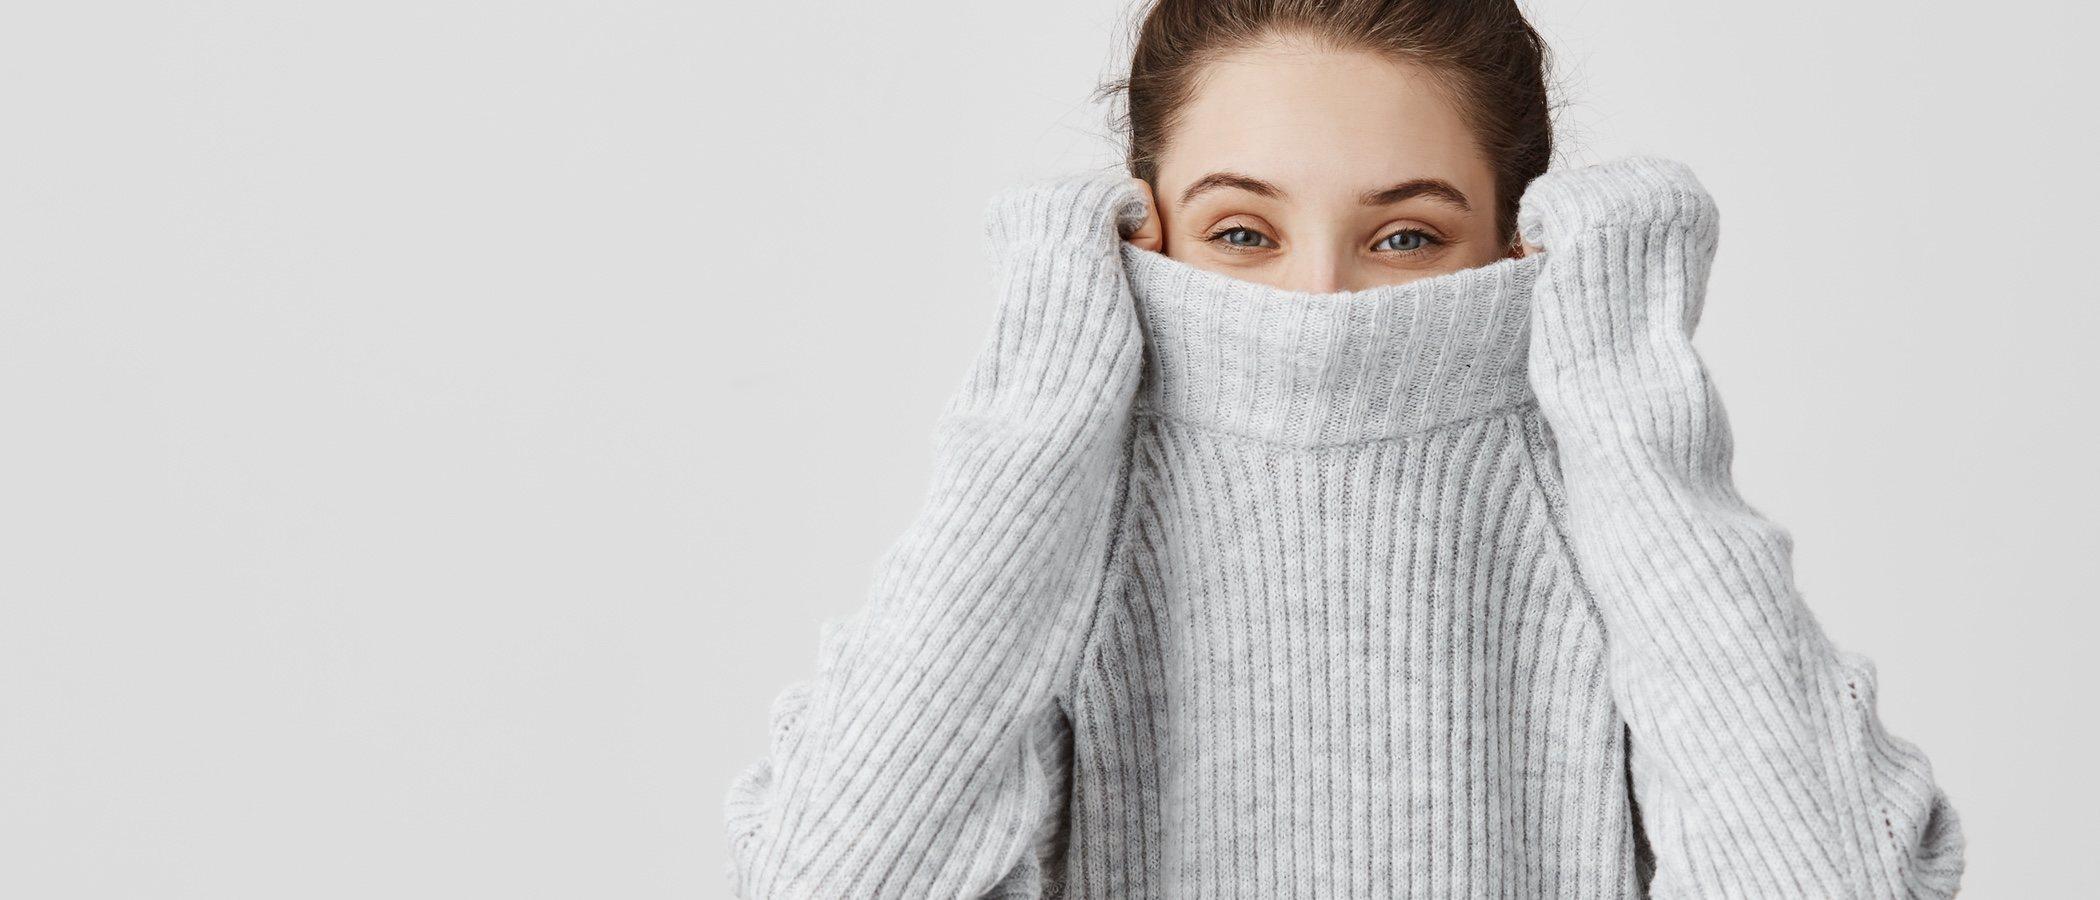 Cómo recuperar un jersey encogido en la lavadora en solo 5 pasos